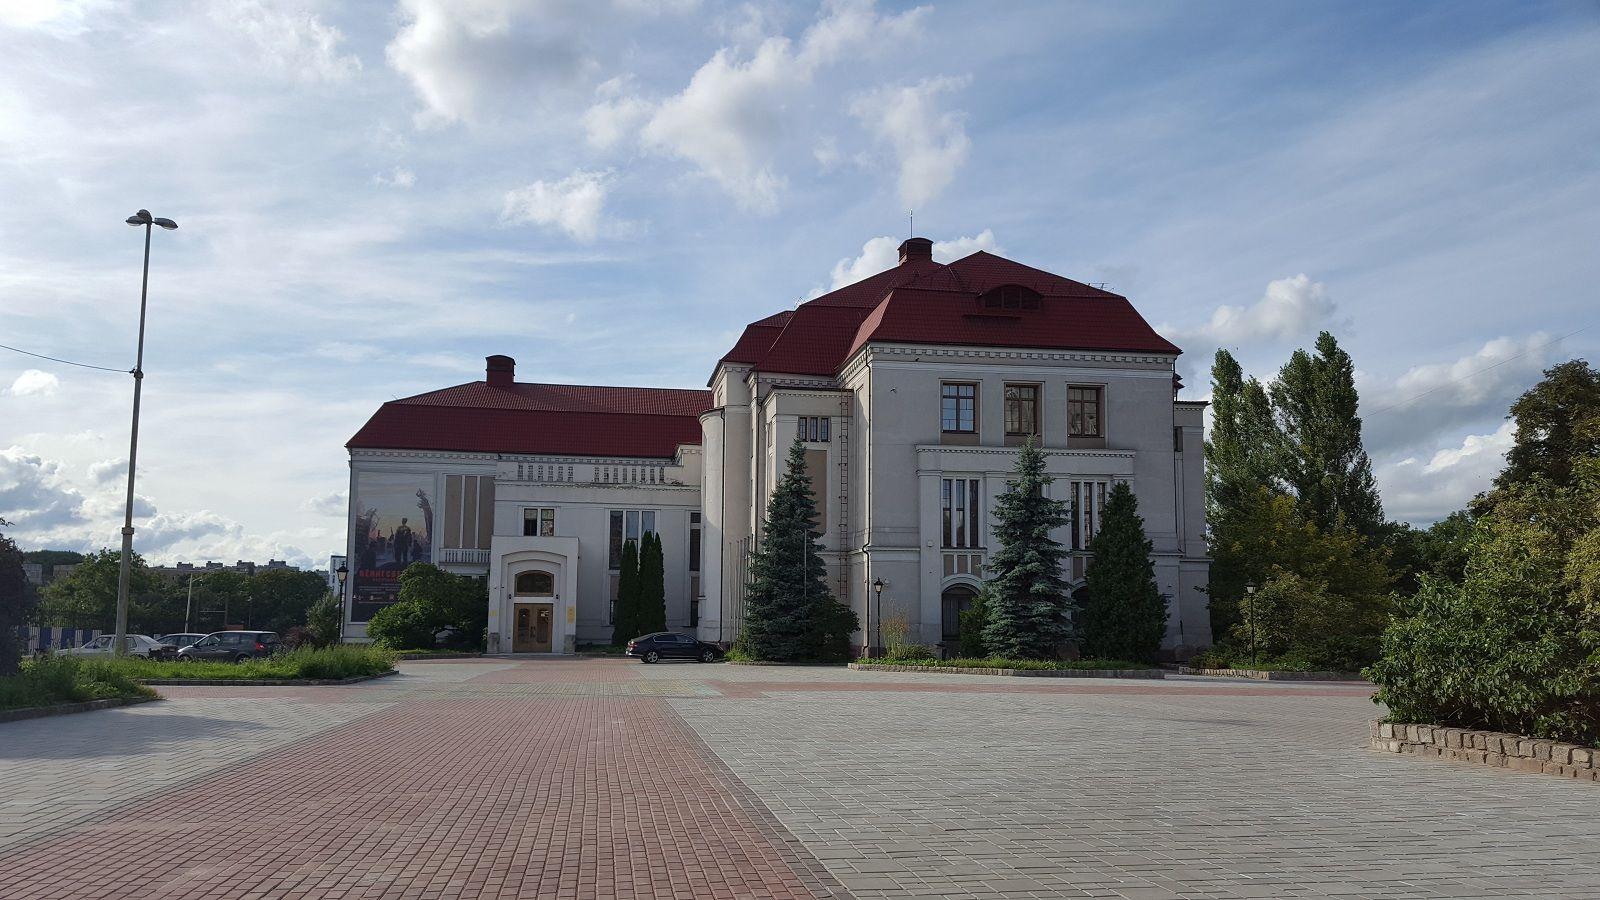 Как я провела свой день рождение, я покажу вам летний Калининград, фото 79